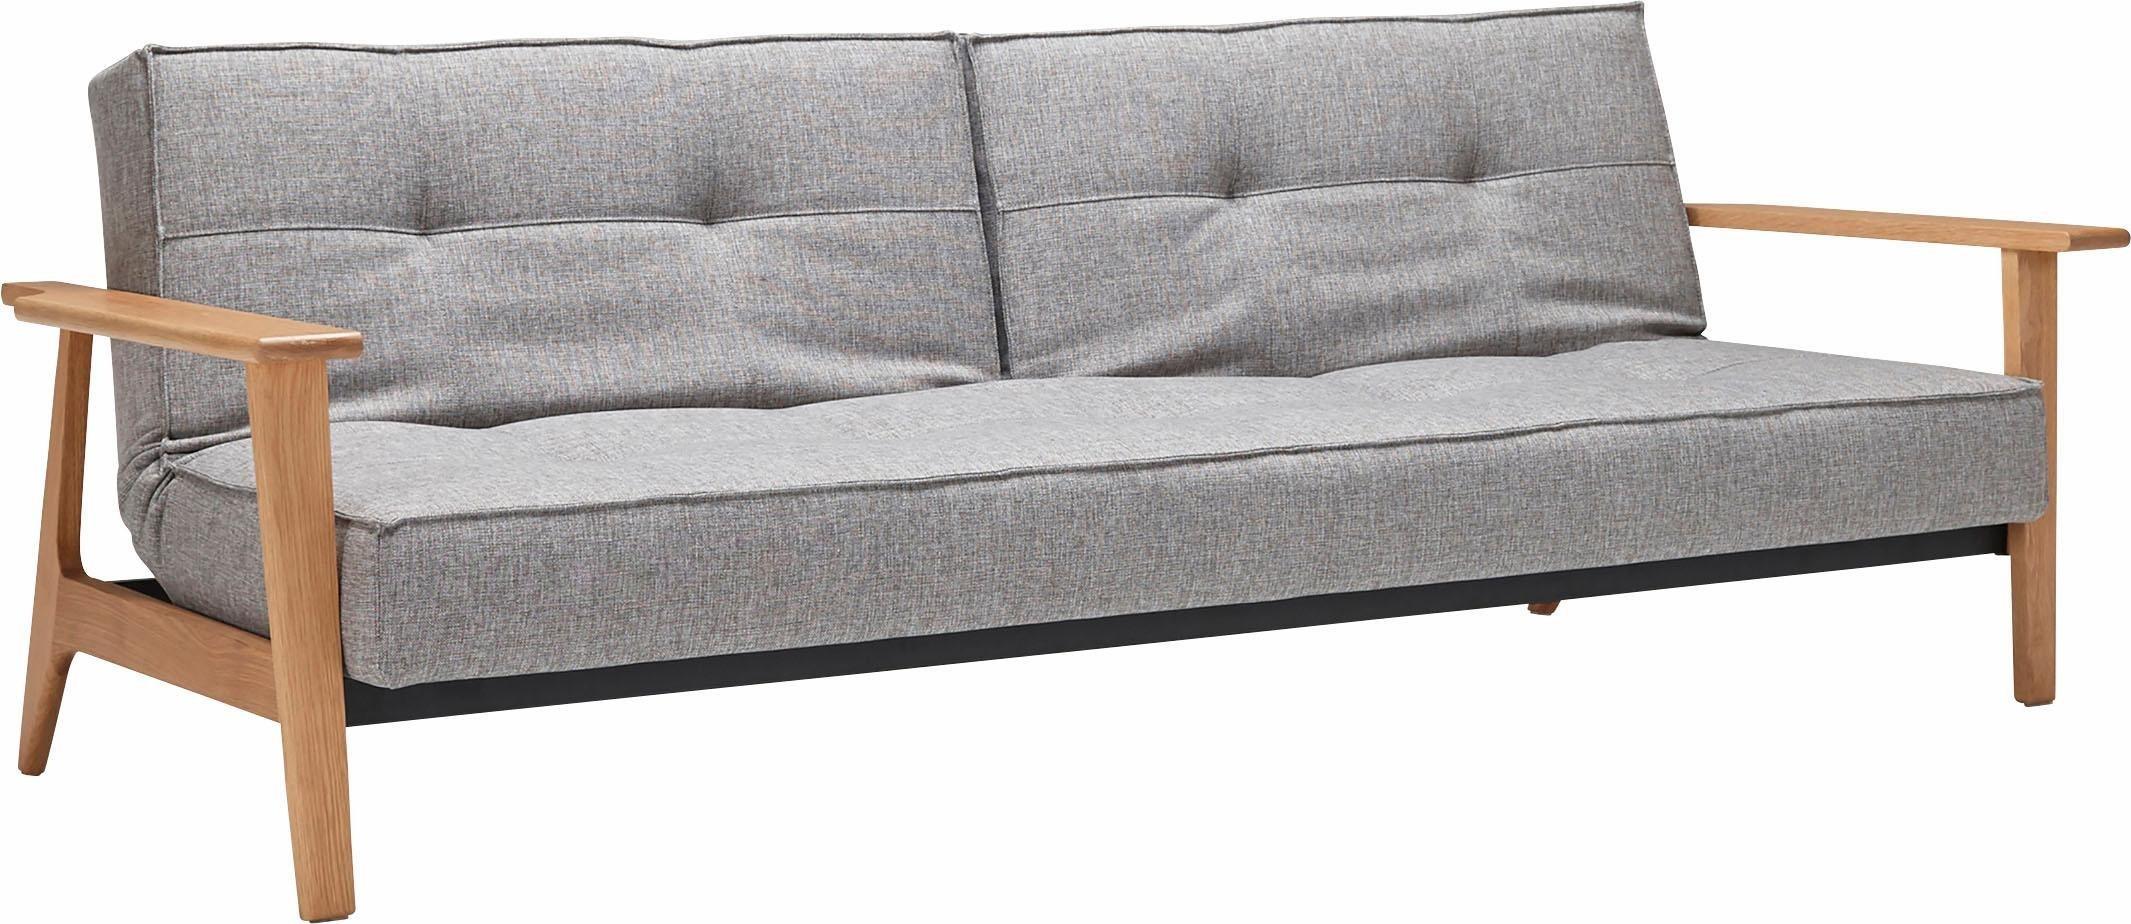 schlafsofa splitback preisvergleich die besten angebote online kaufen. Black Bedroom Furniture Sets. Home Design Ideas